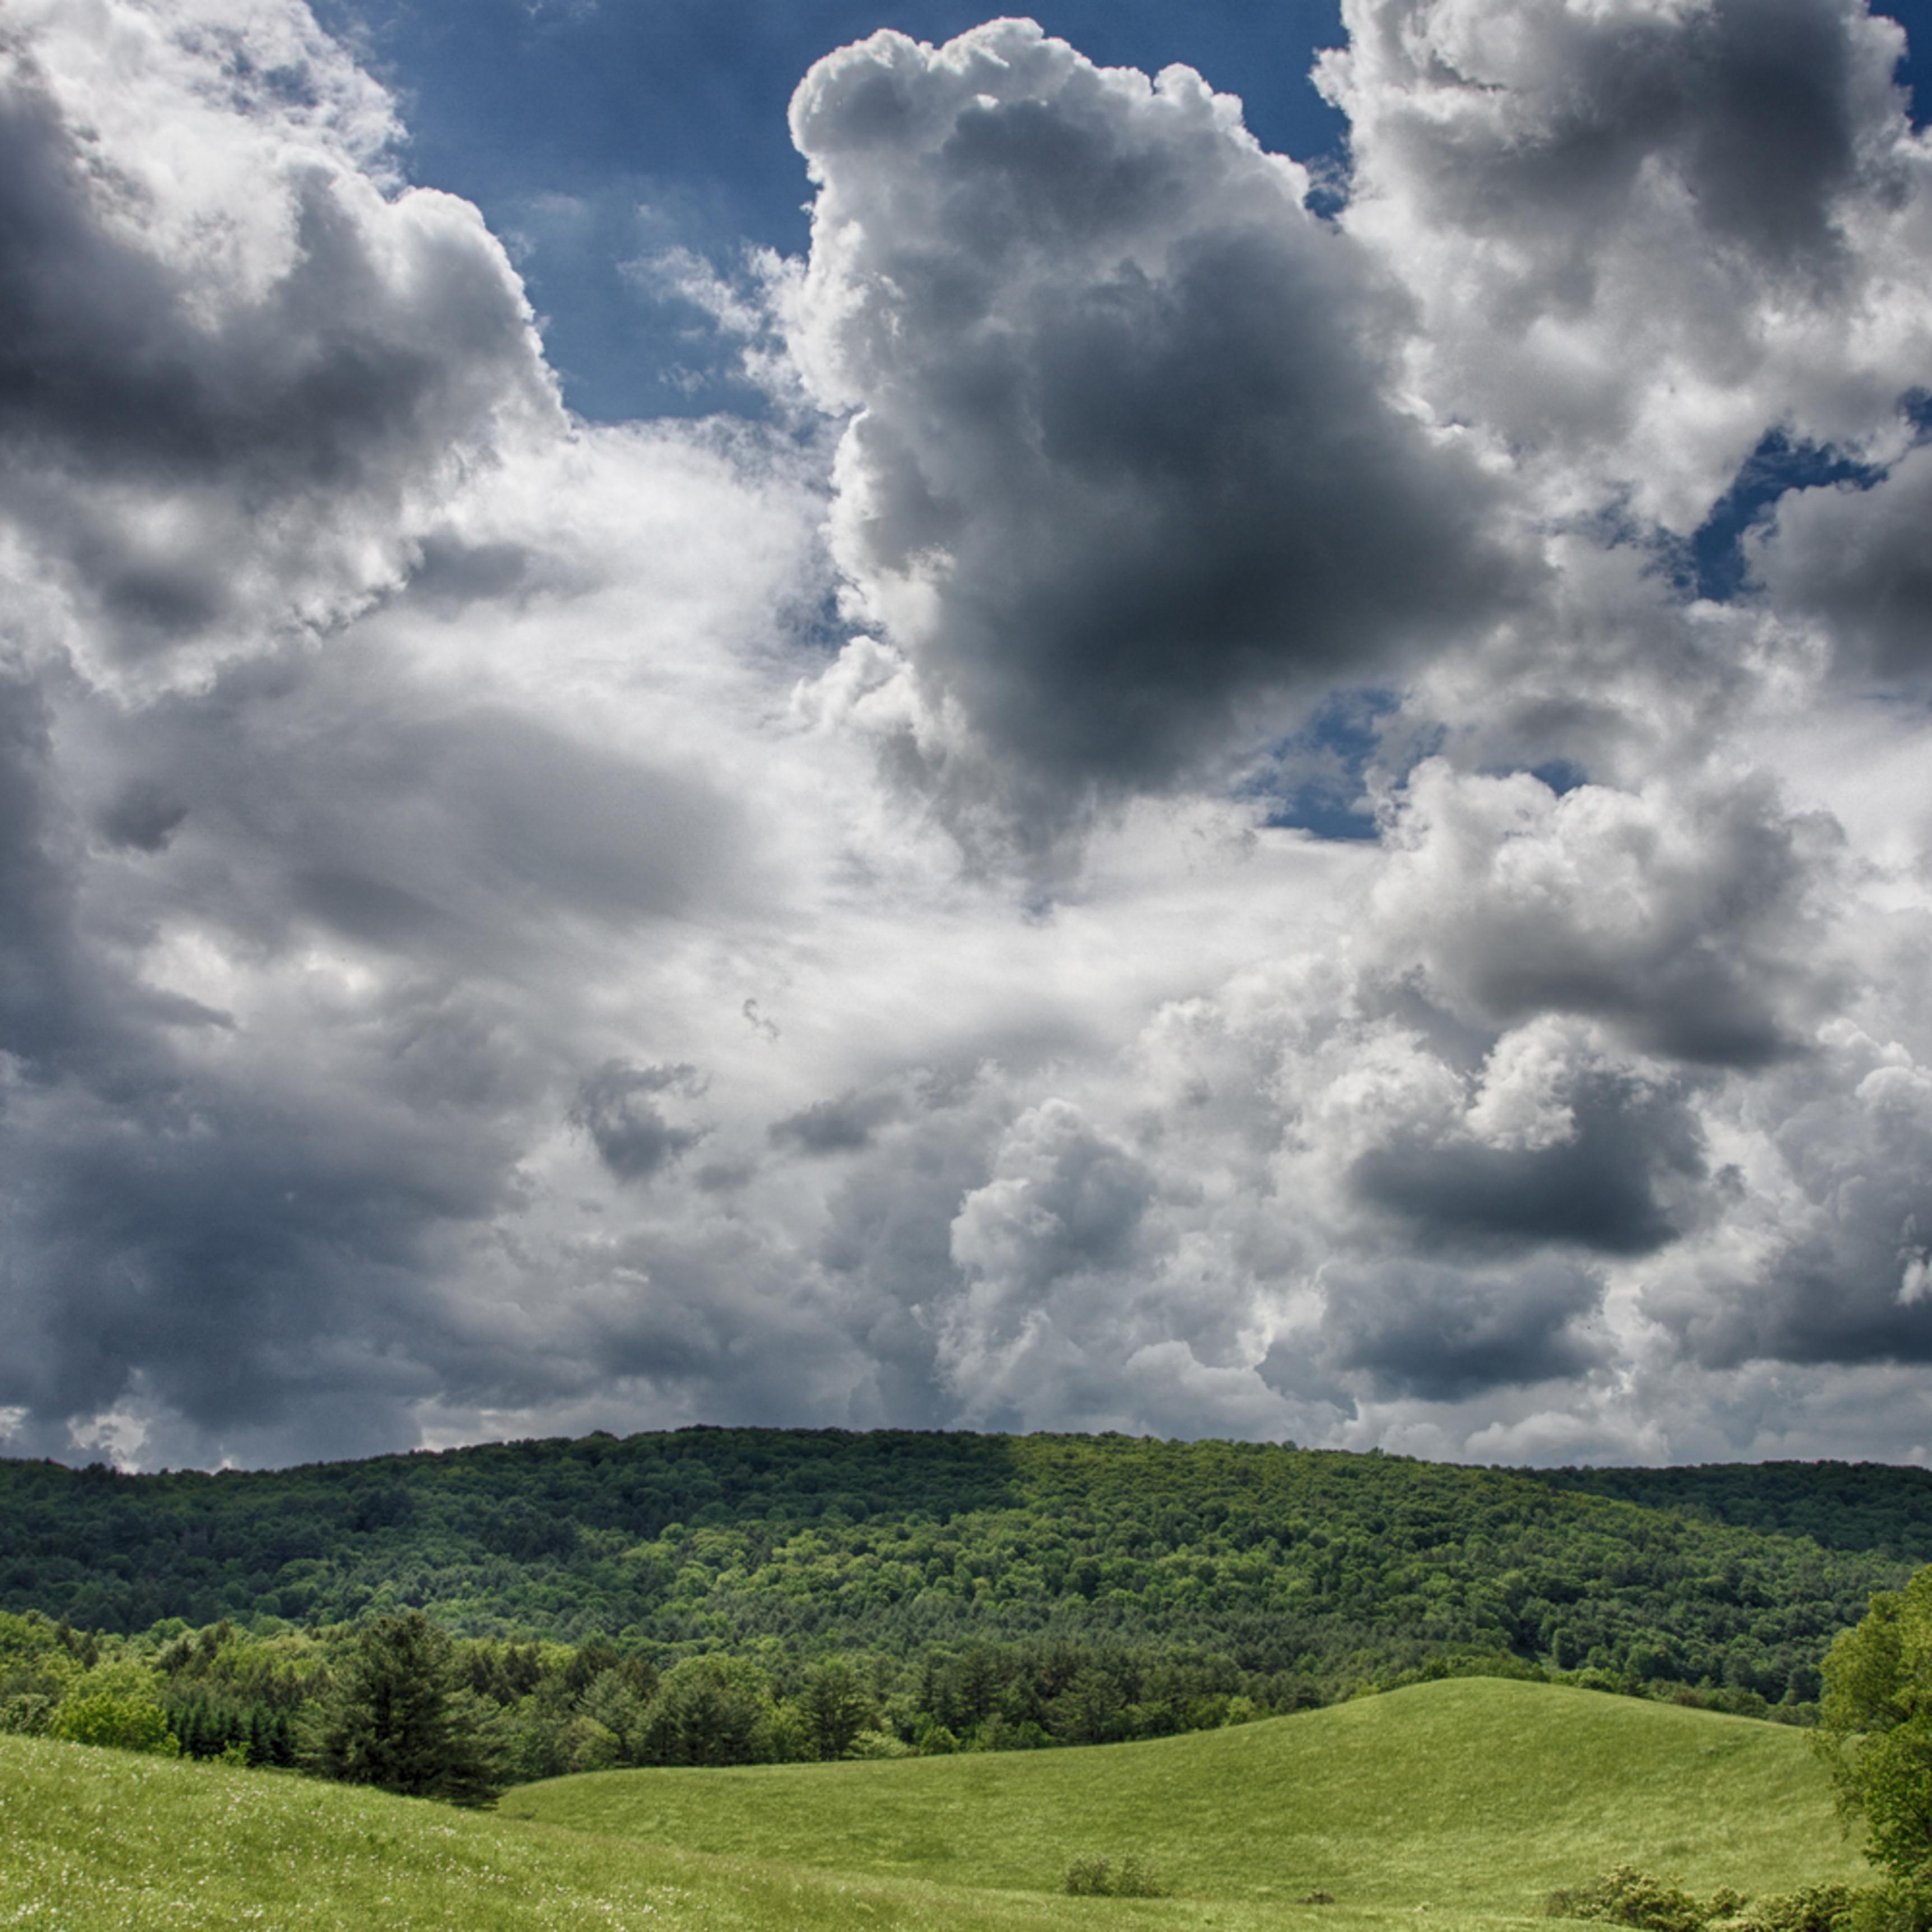 A walk in the clouds i1ckmr